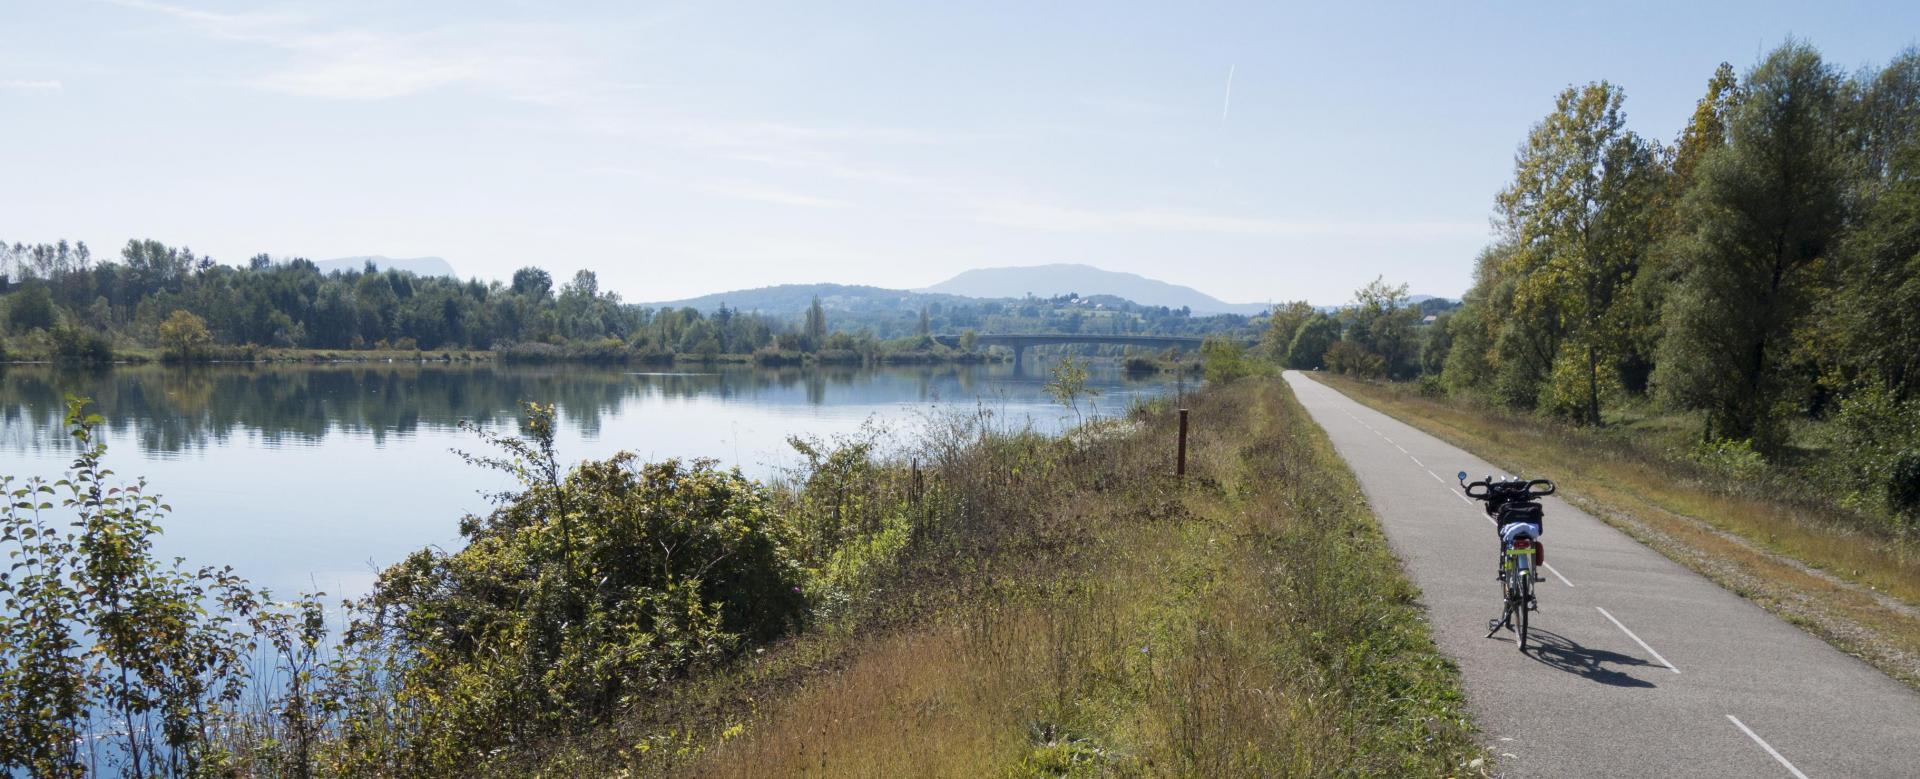 Voyage en véhicule France : La via rhôna à vélo : d'annecy à lyon